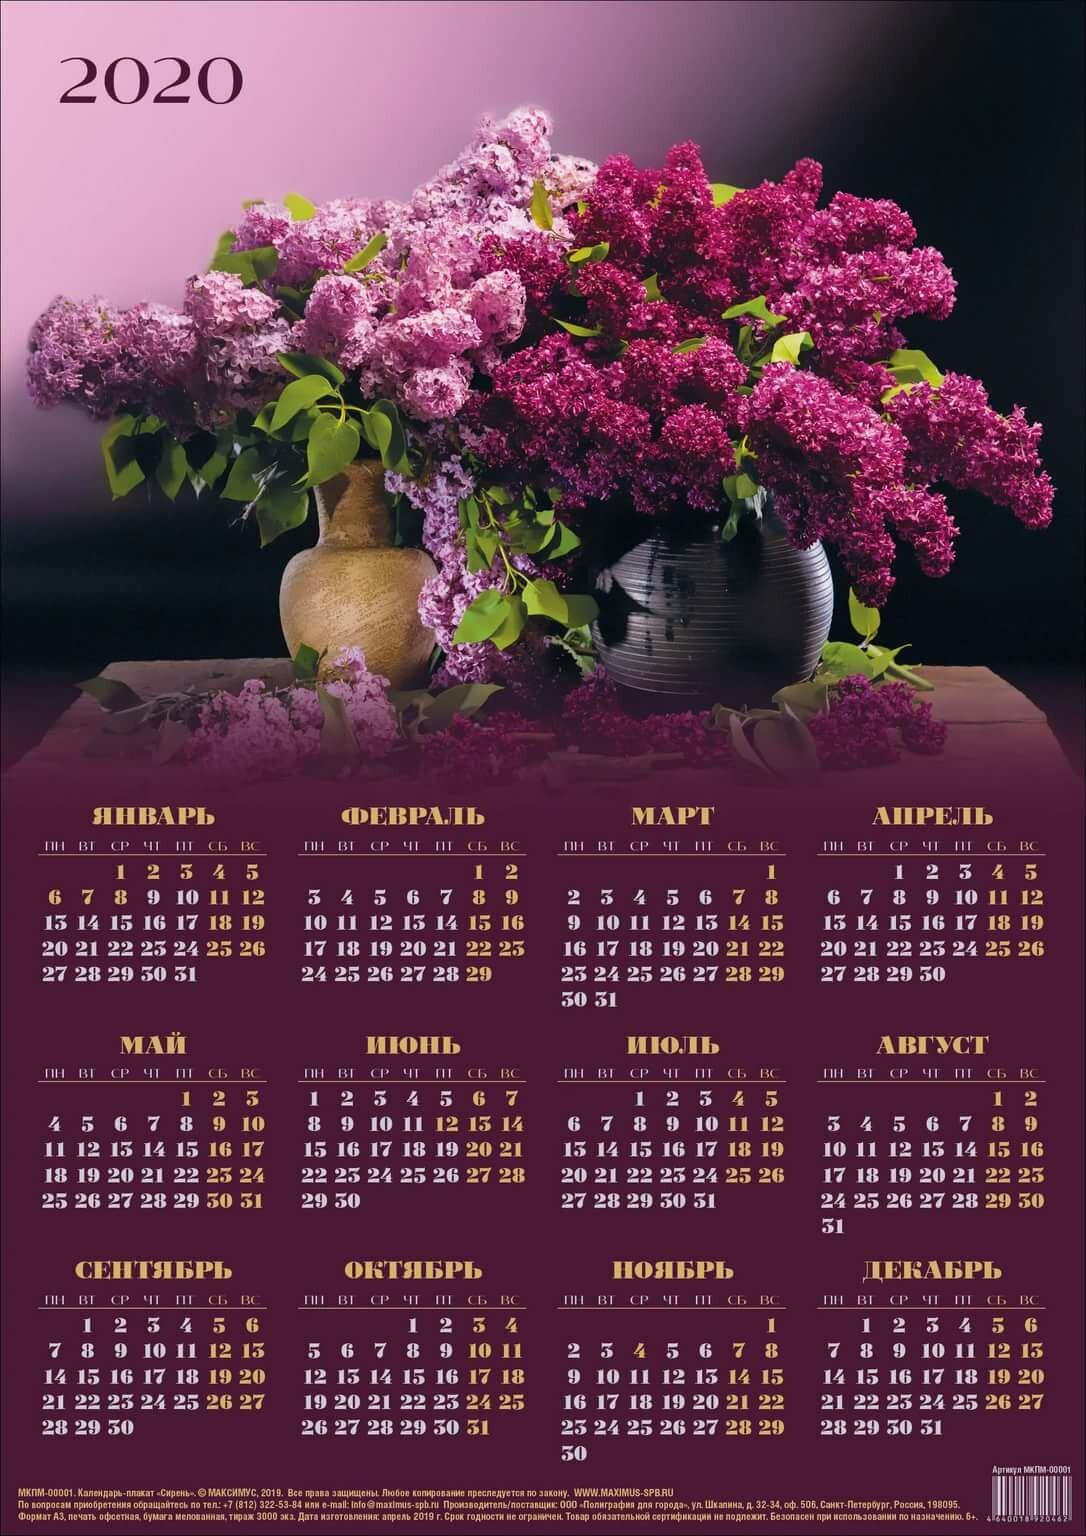 оценки картинки с календарями главных ролей